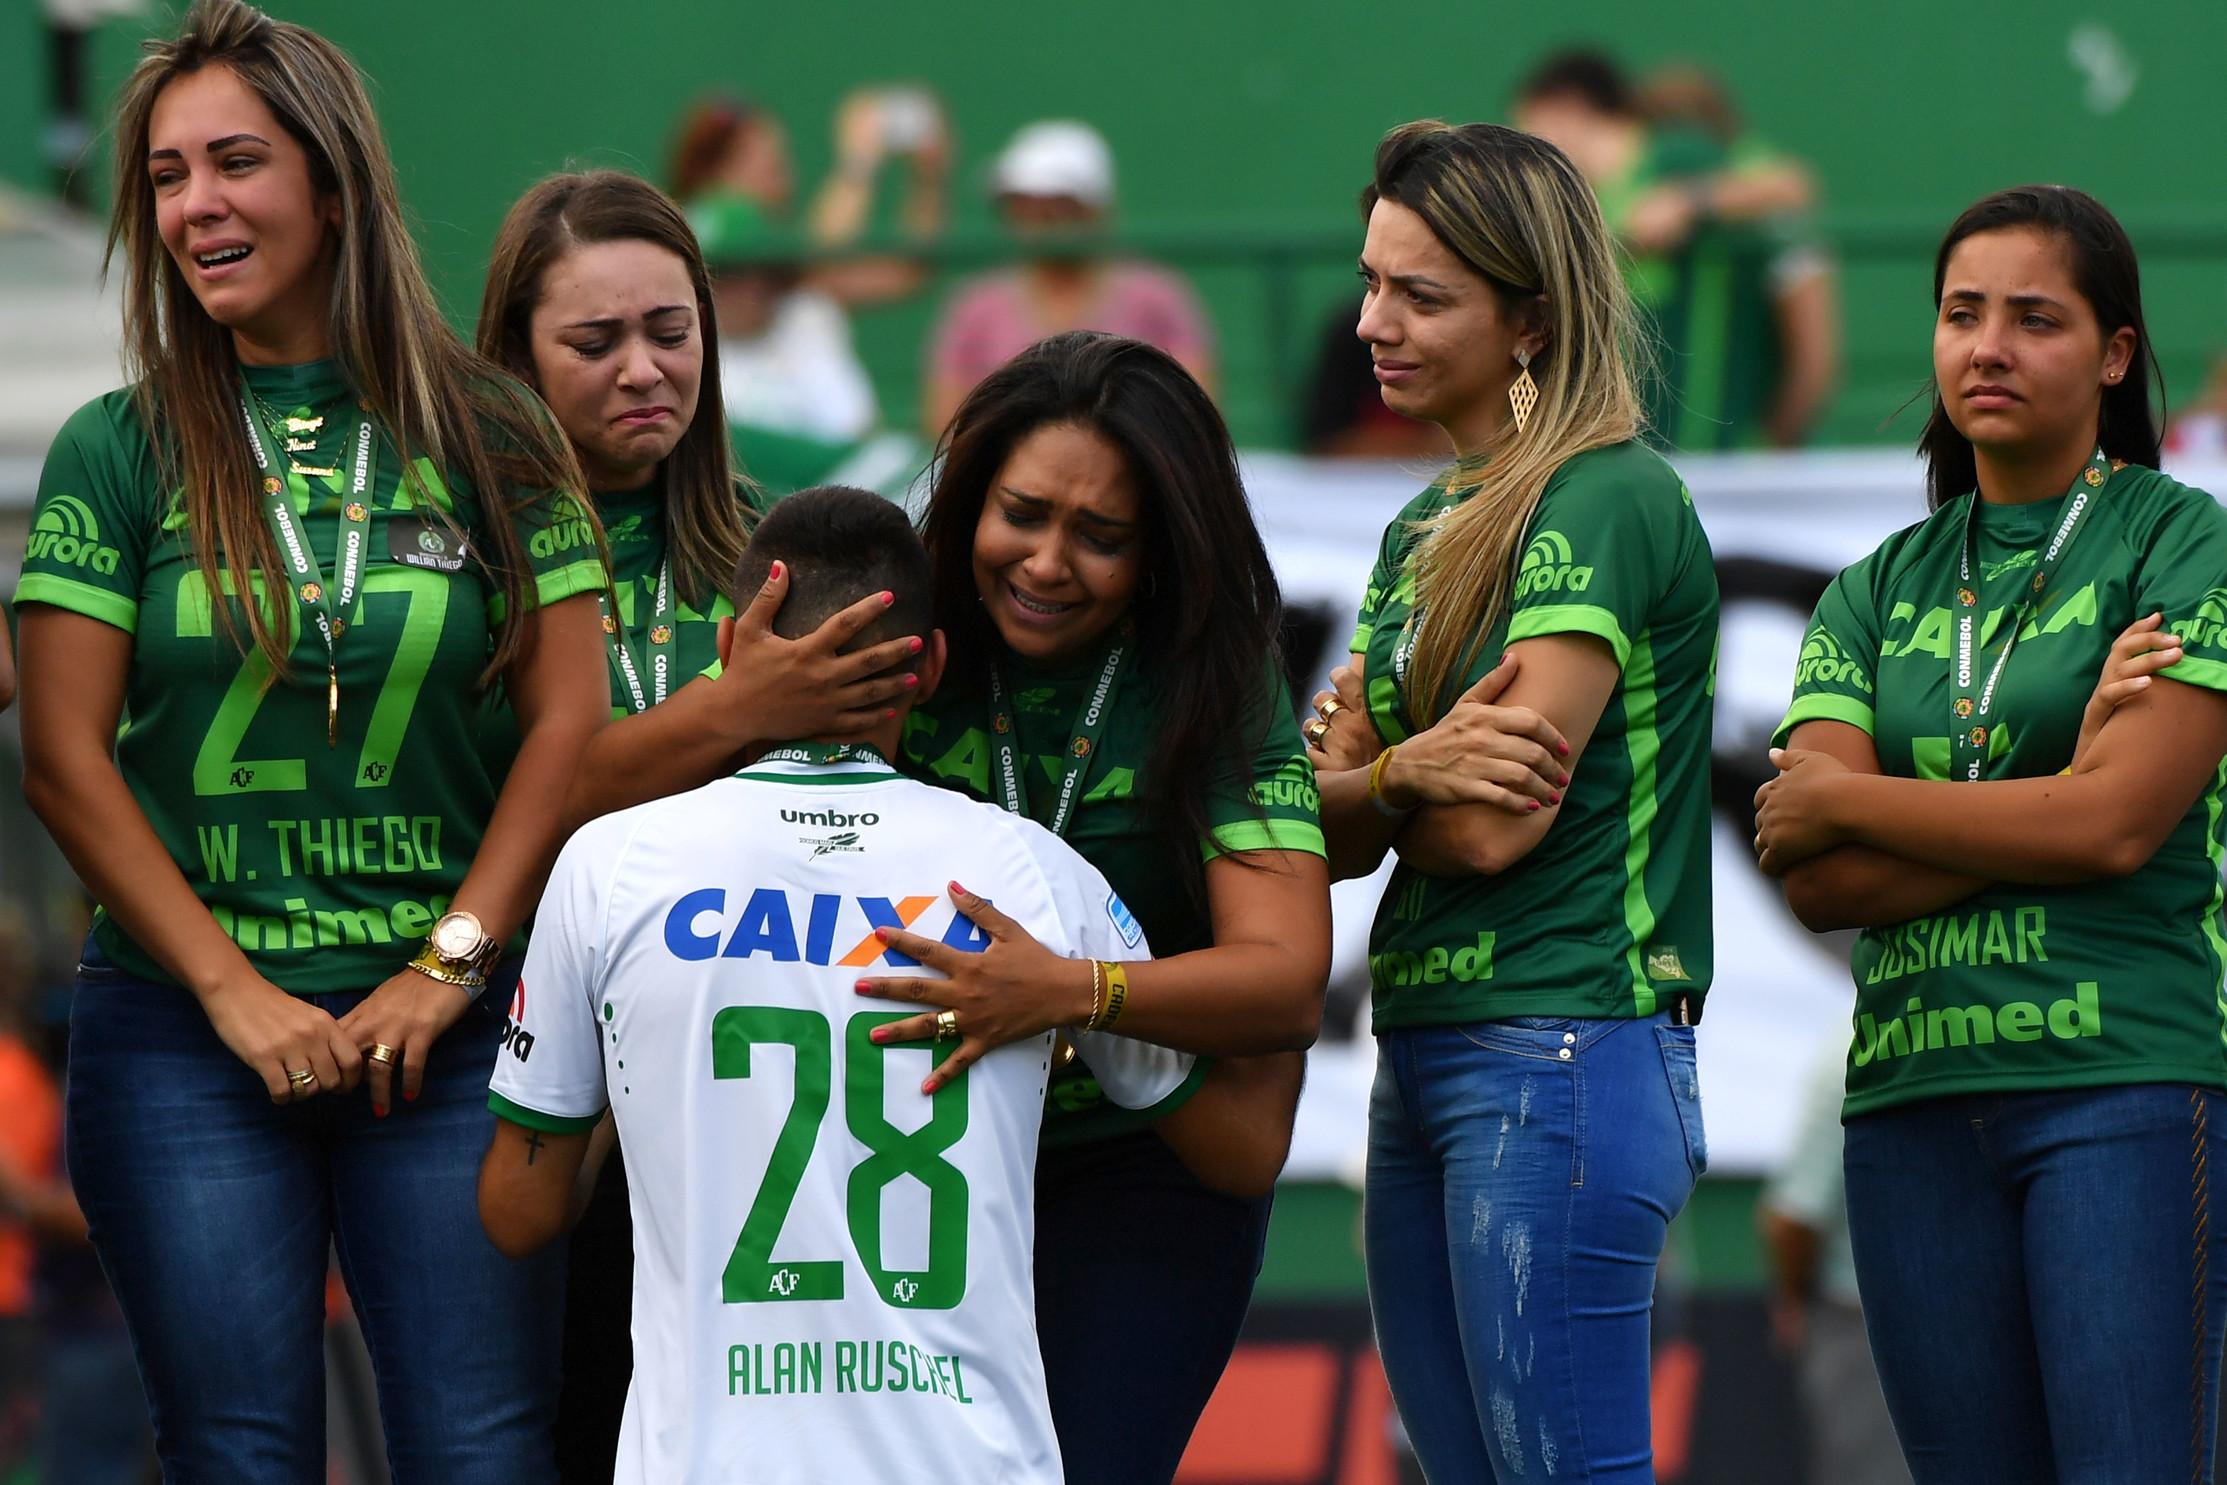 21 novembre 2017: Ruschel, uno dei sopravvissuti della tragedia della Chapecoense